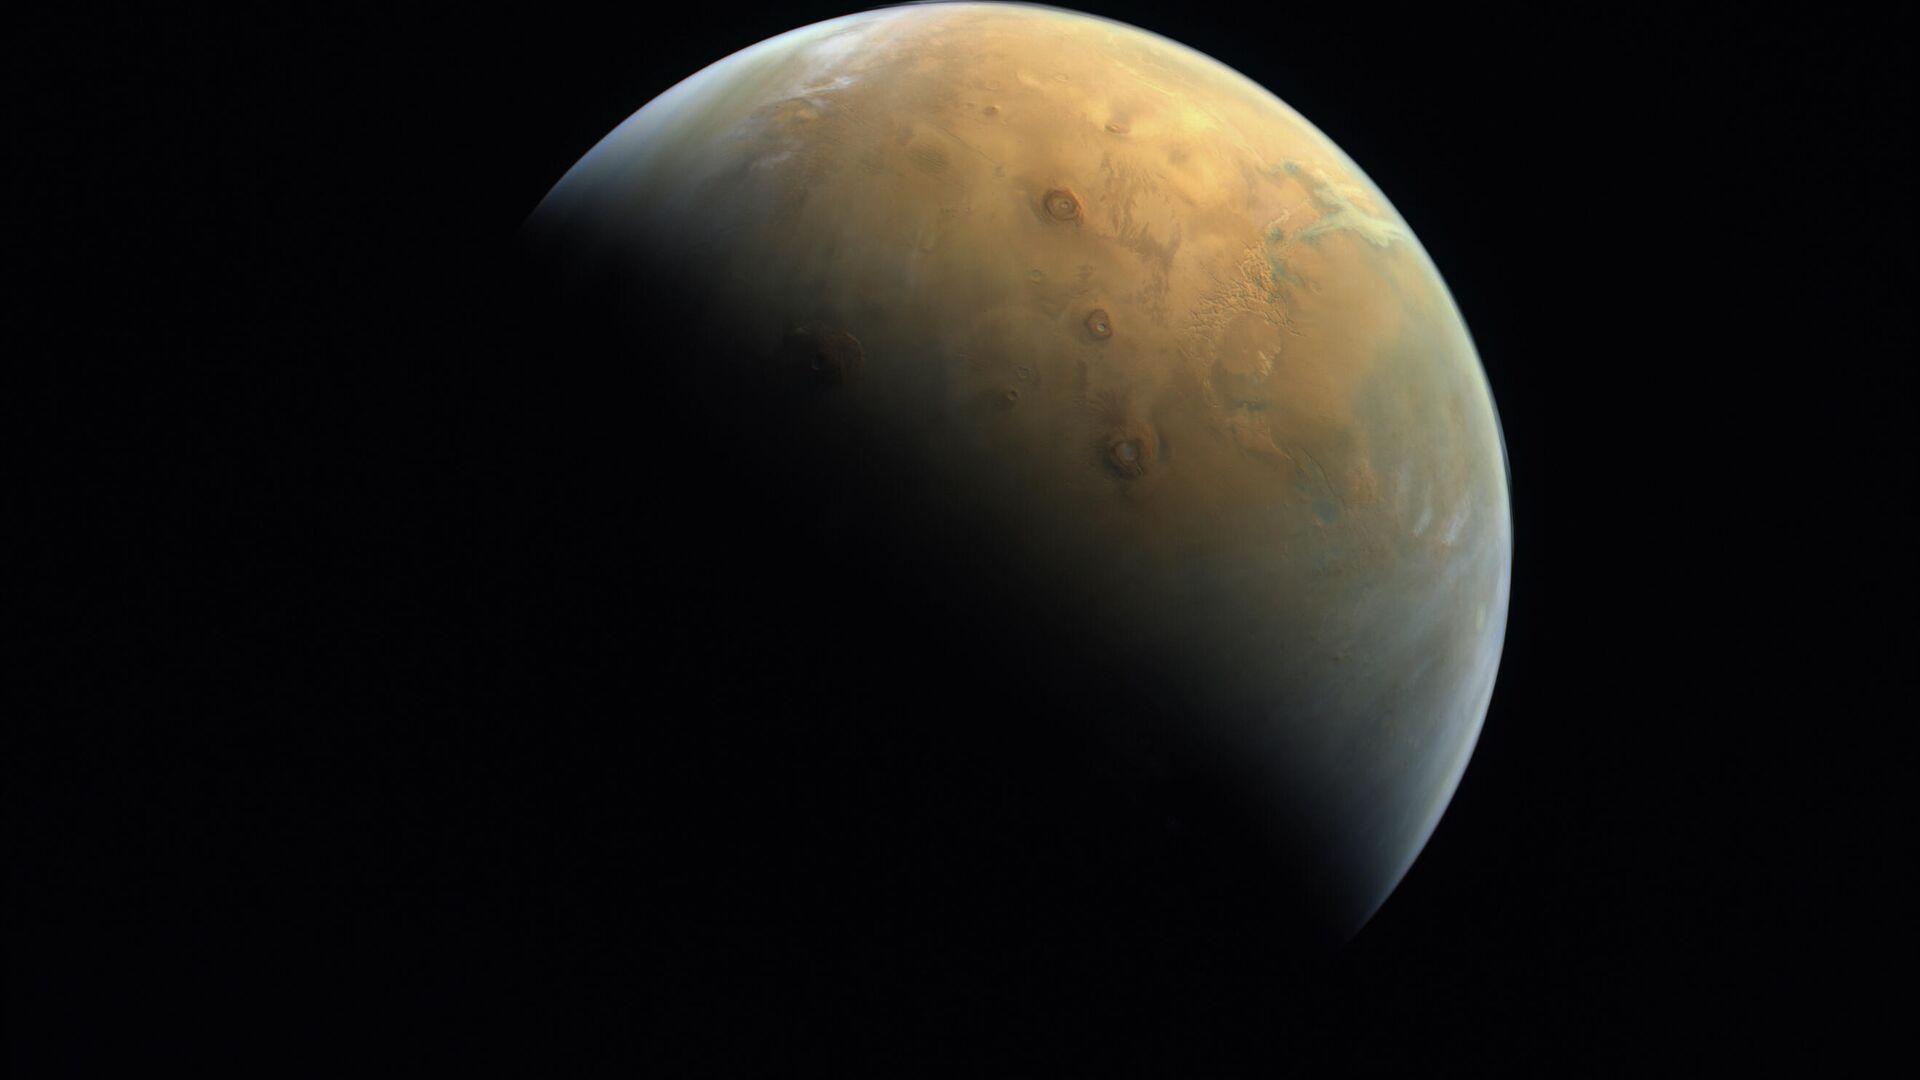 El planeta Marte - Sputnik Mundo, 1920, 28.06.2021